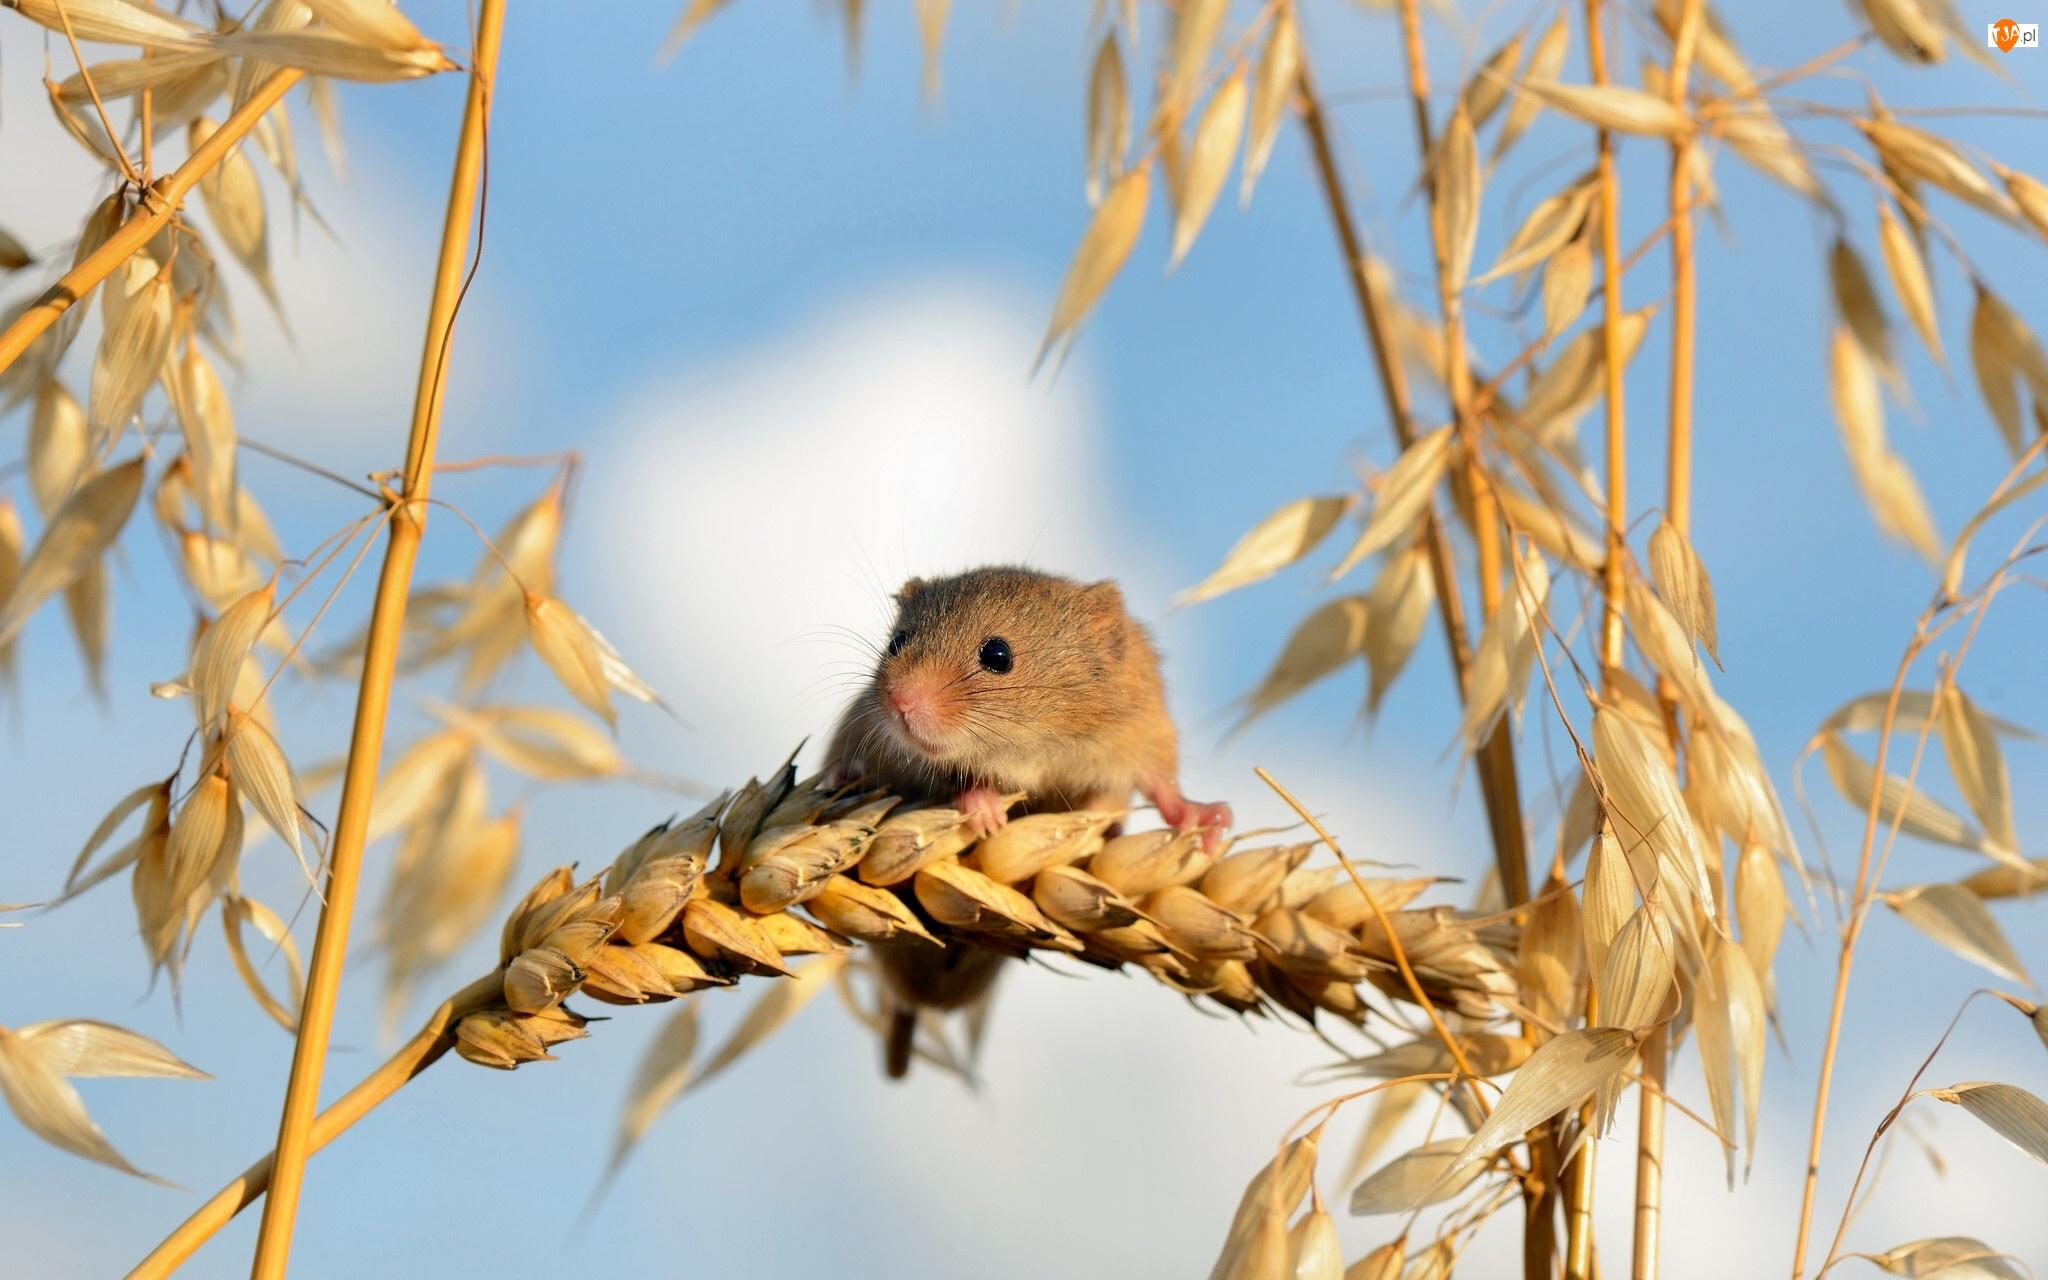 Zbóż, Myszka, Kłosy